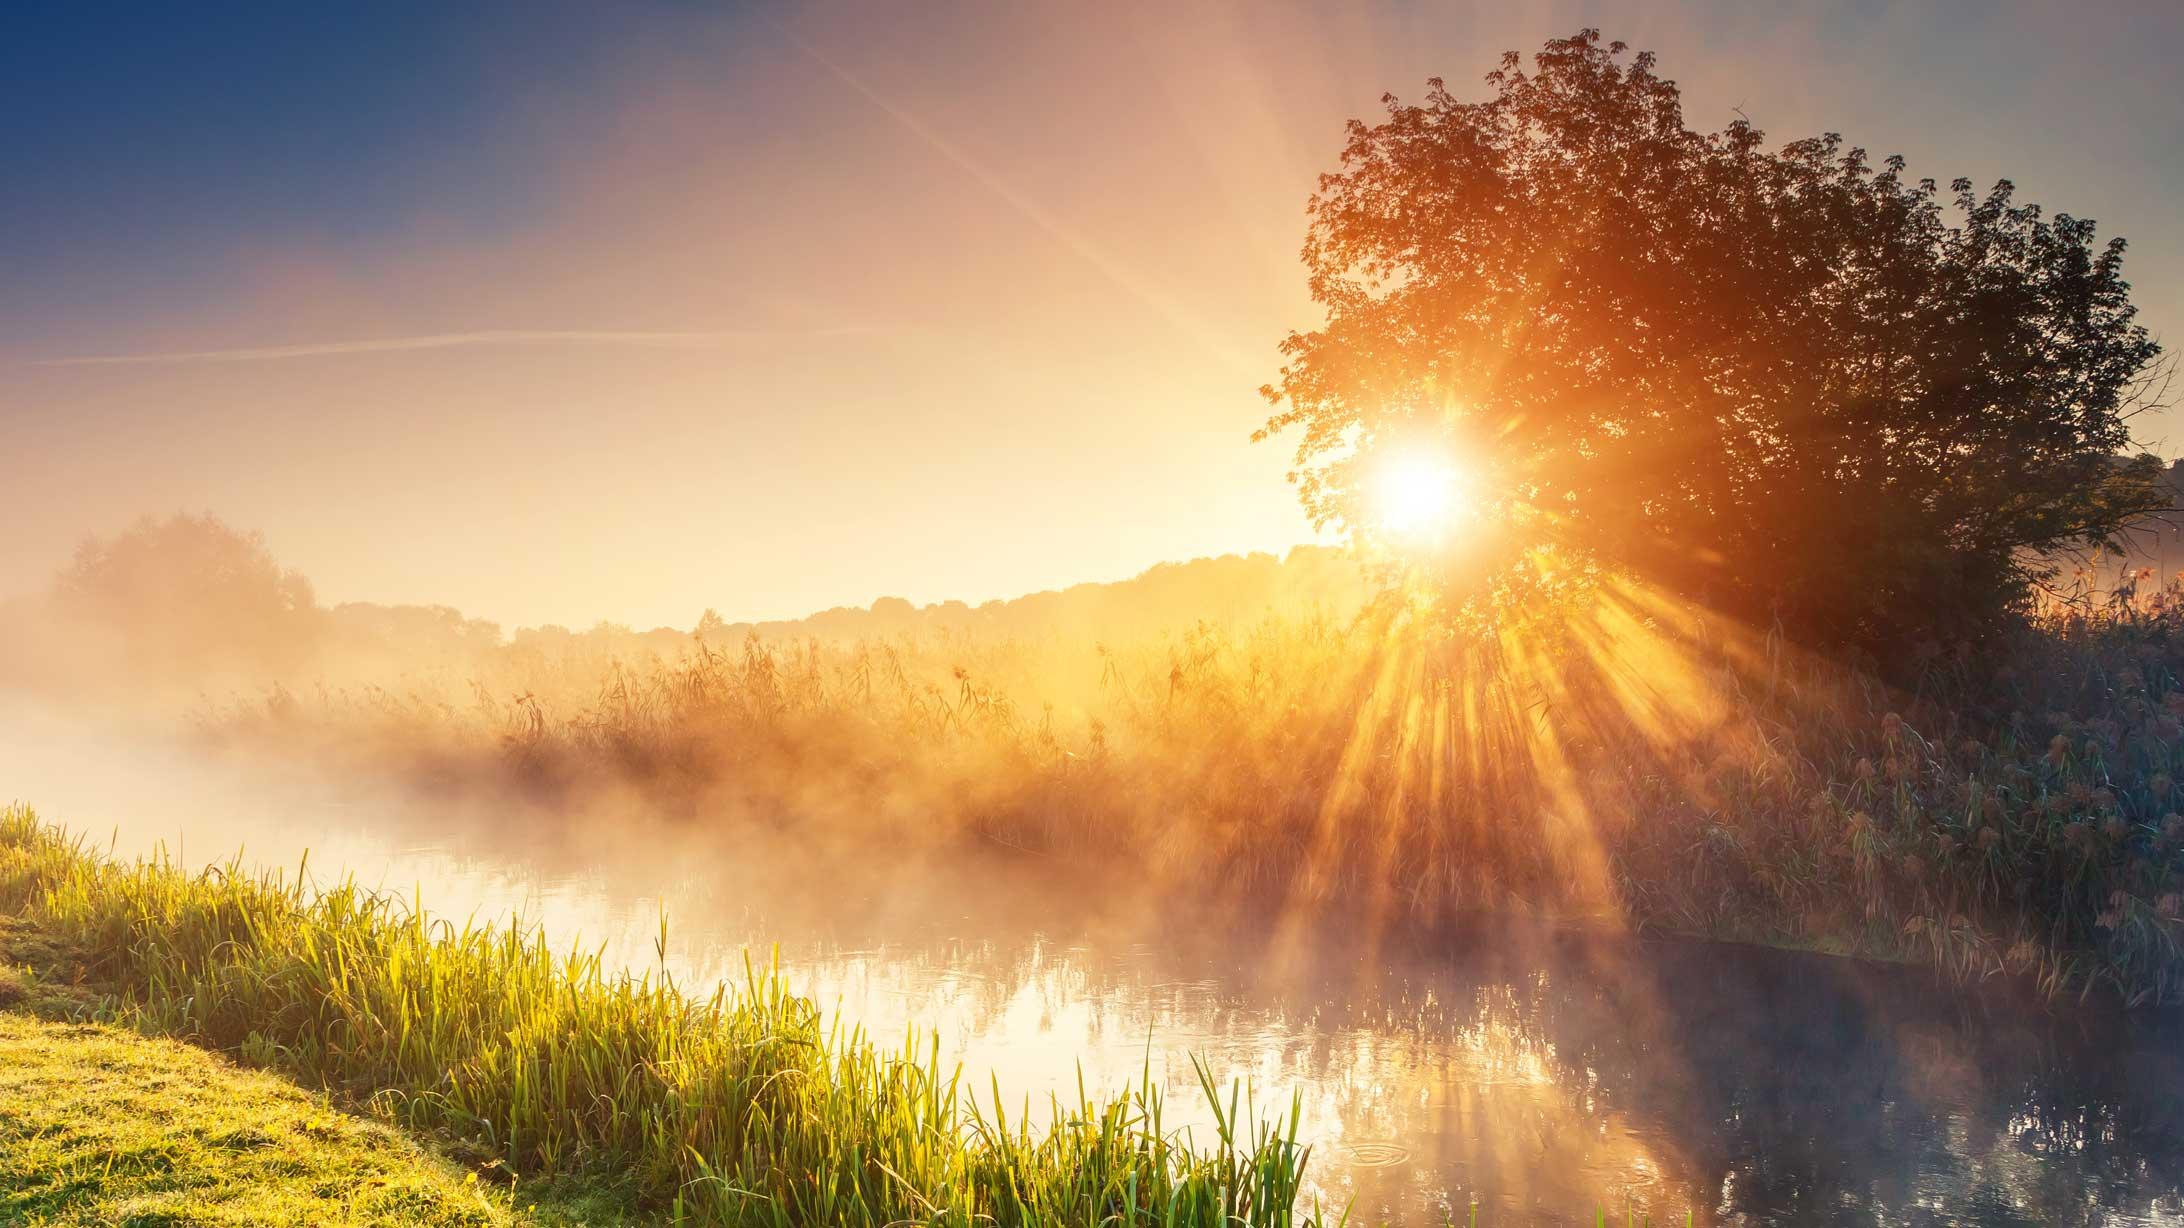 Das Bild zeigt einen Sonnenaufgang über einem Bach.